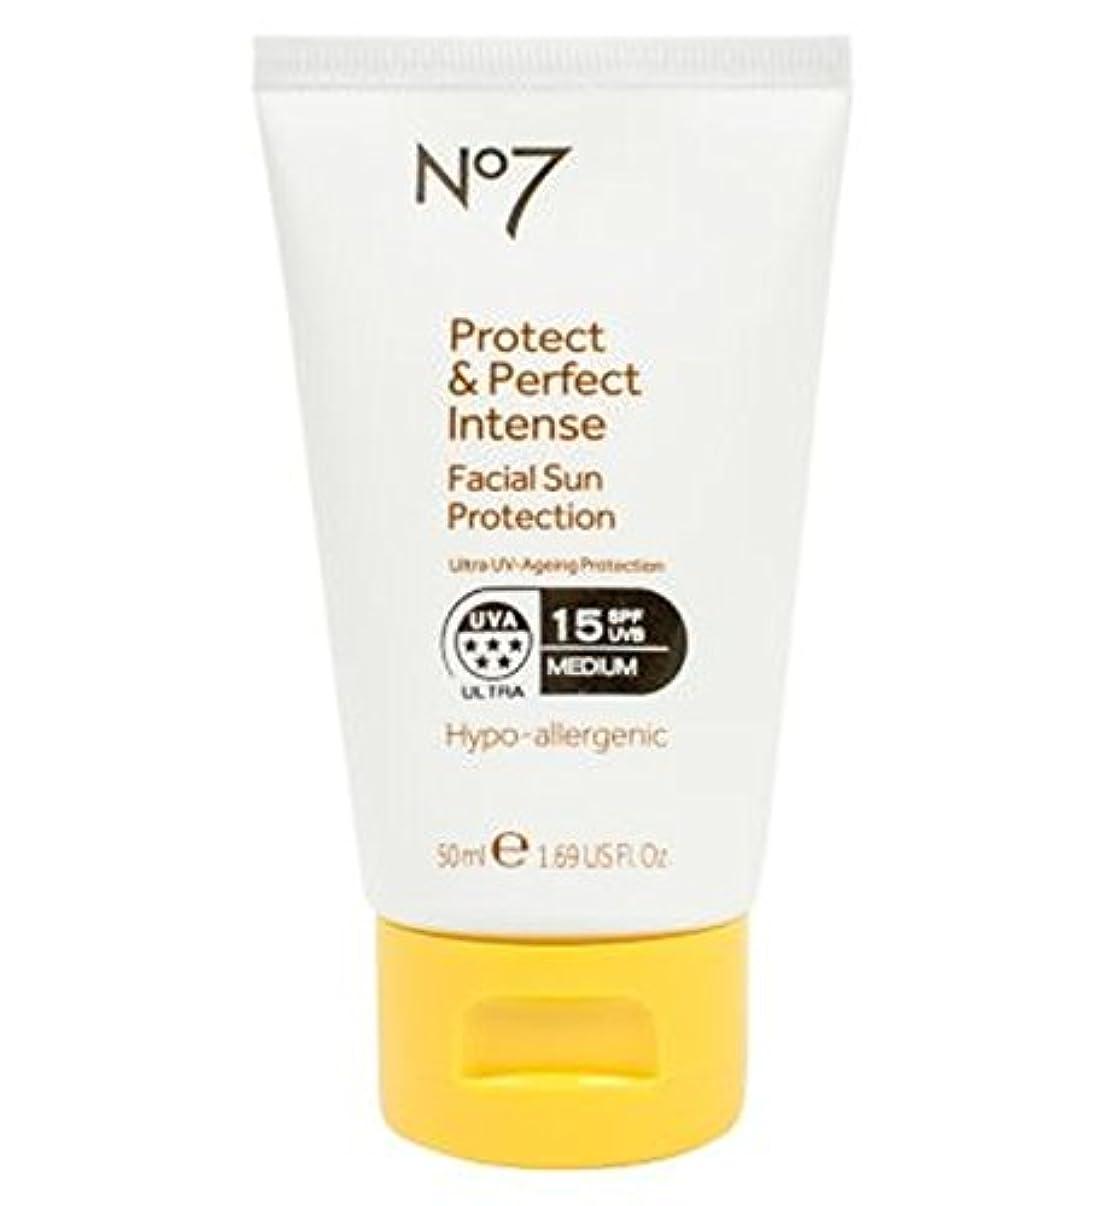 お茶マイク結び目No7 Protect & Perfect Intense Facial Sun Protection SPF 15 50ml - No7保護&完璧な強烈な顔の日焼け防止Spf 15 50ミリリットル (No7) [並行輸入品]